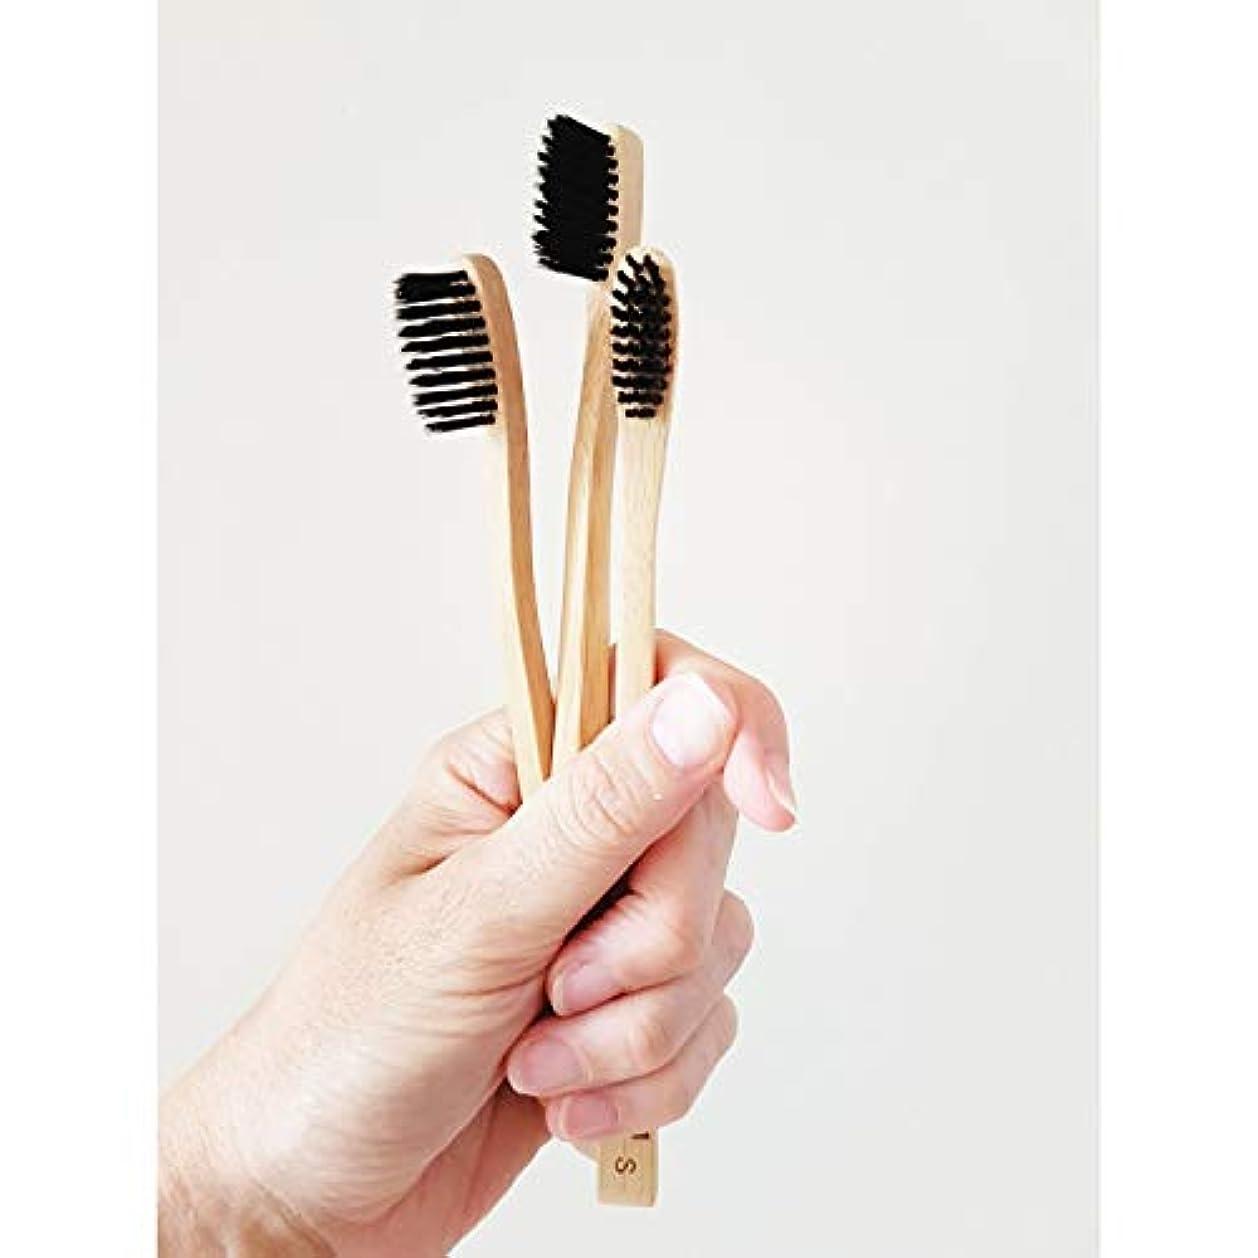 Ladybug 竹の歯ブラシ 竹炭毛 バンブー歯ブラシ (3本入りセット)